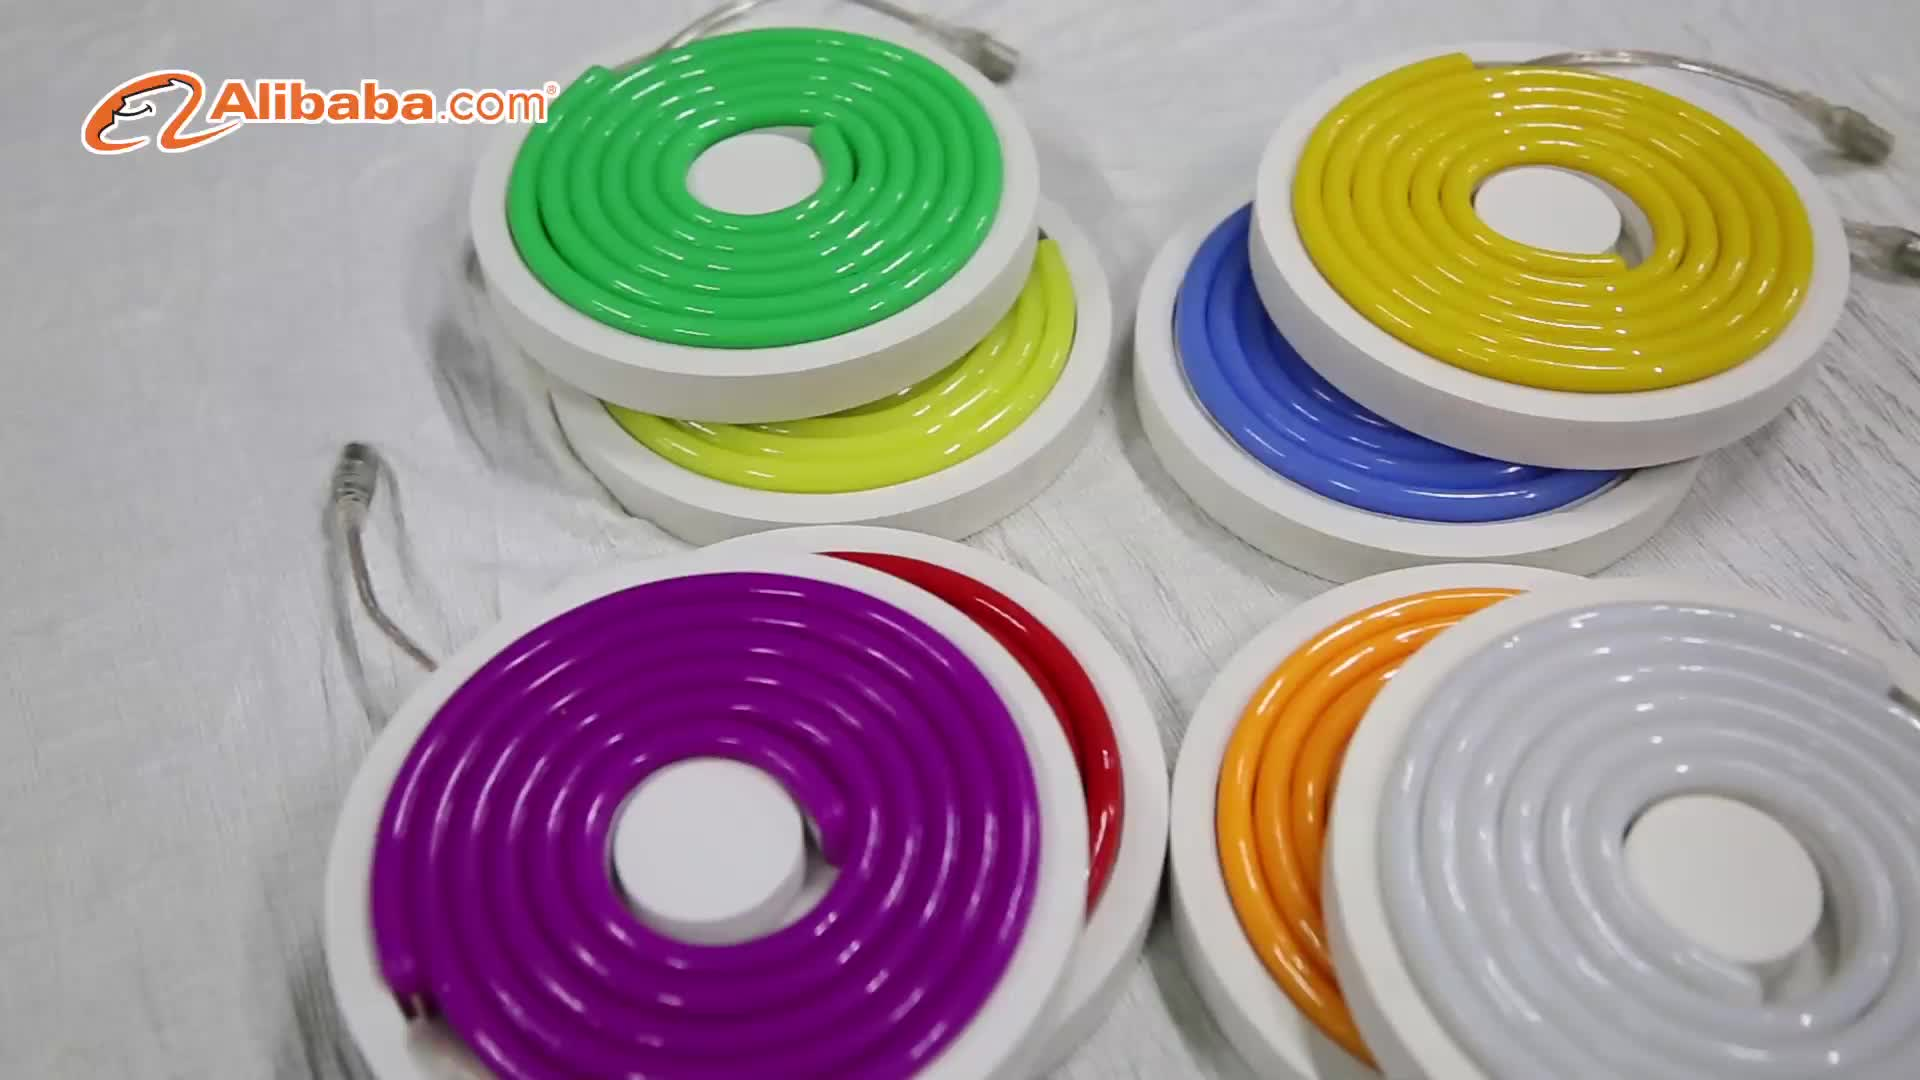 RGB цветная вывеска светодиодная Неоновая Гибкая для украшения кухни